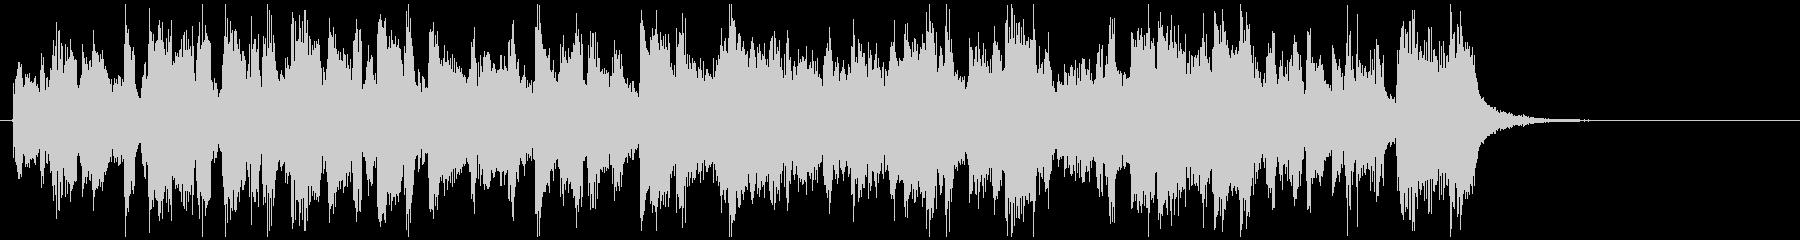 明るいノリノリなCM向けラテンサックスの未再生の波形